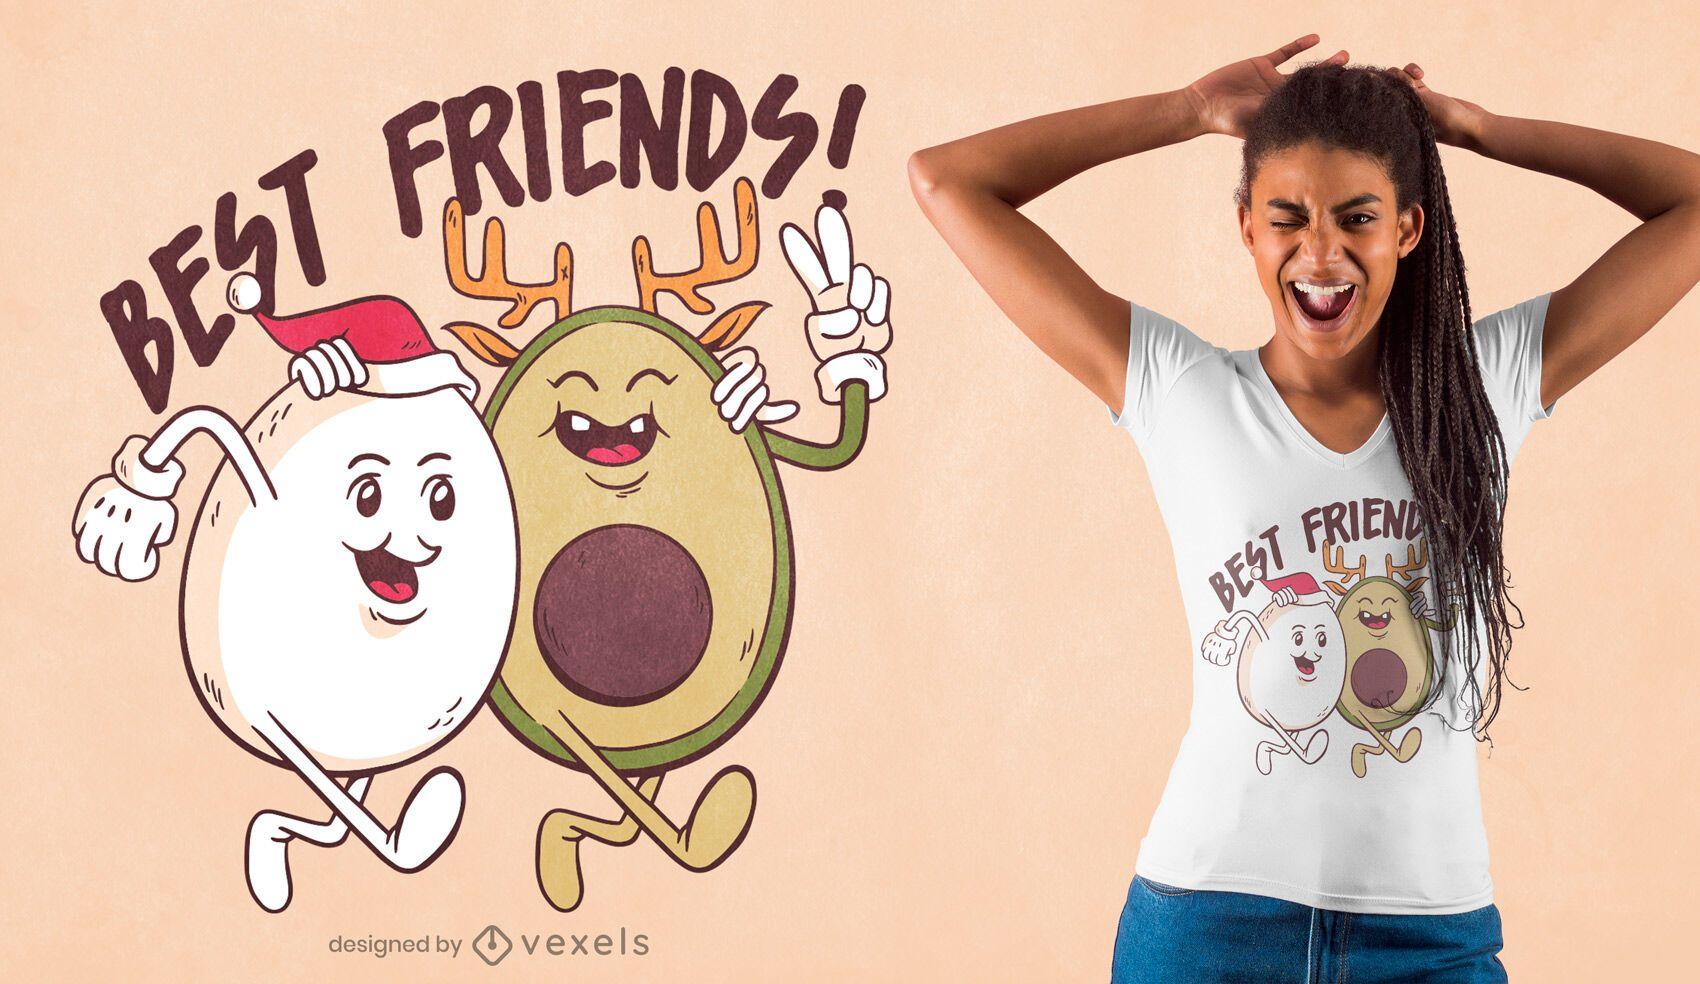 Christmas friends t-shirt design